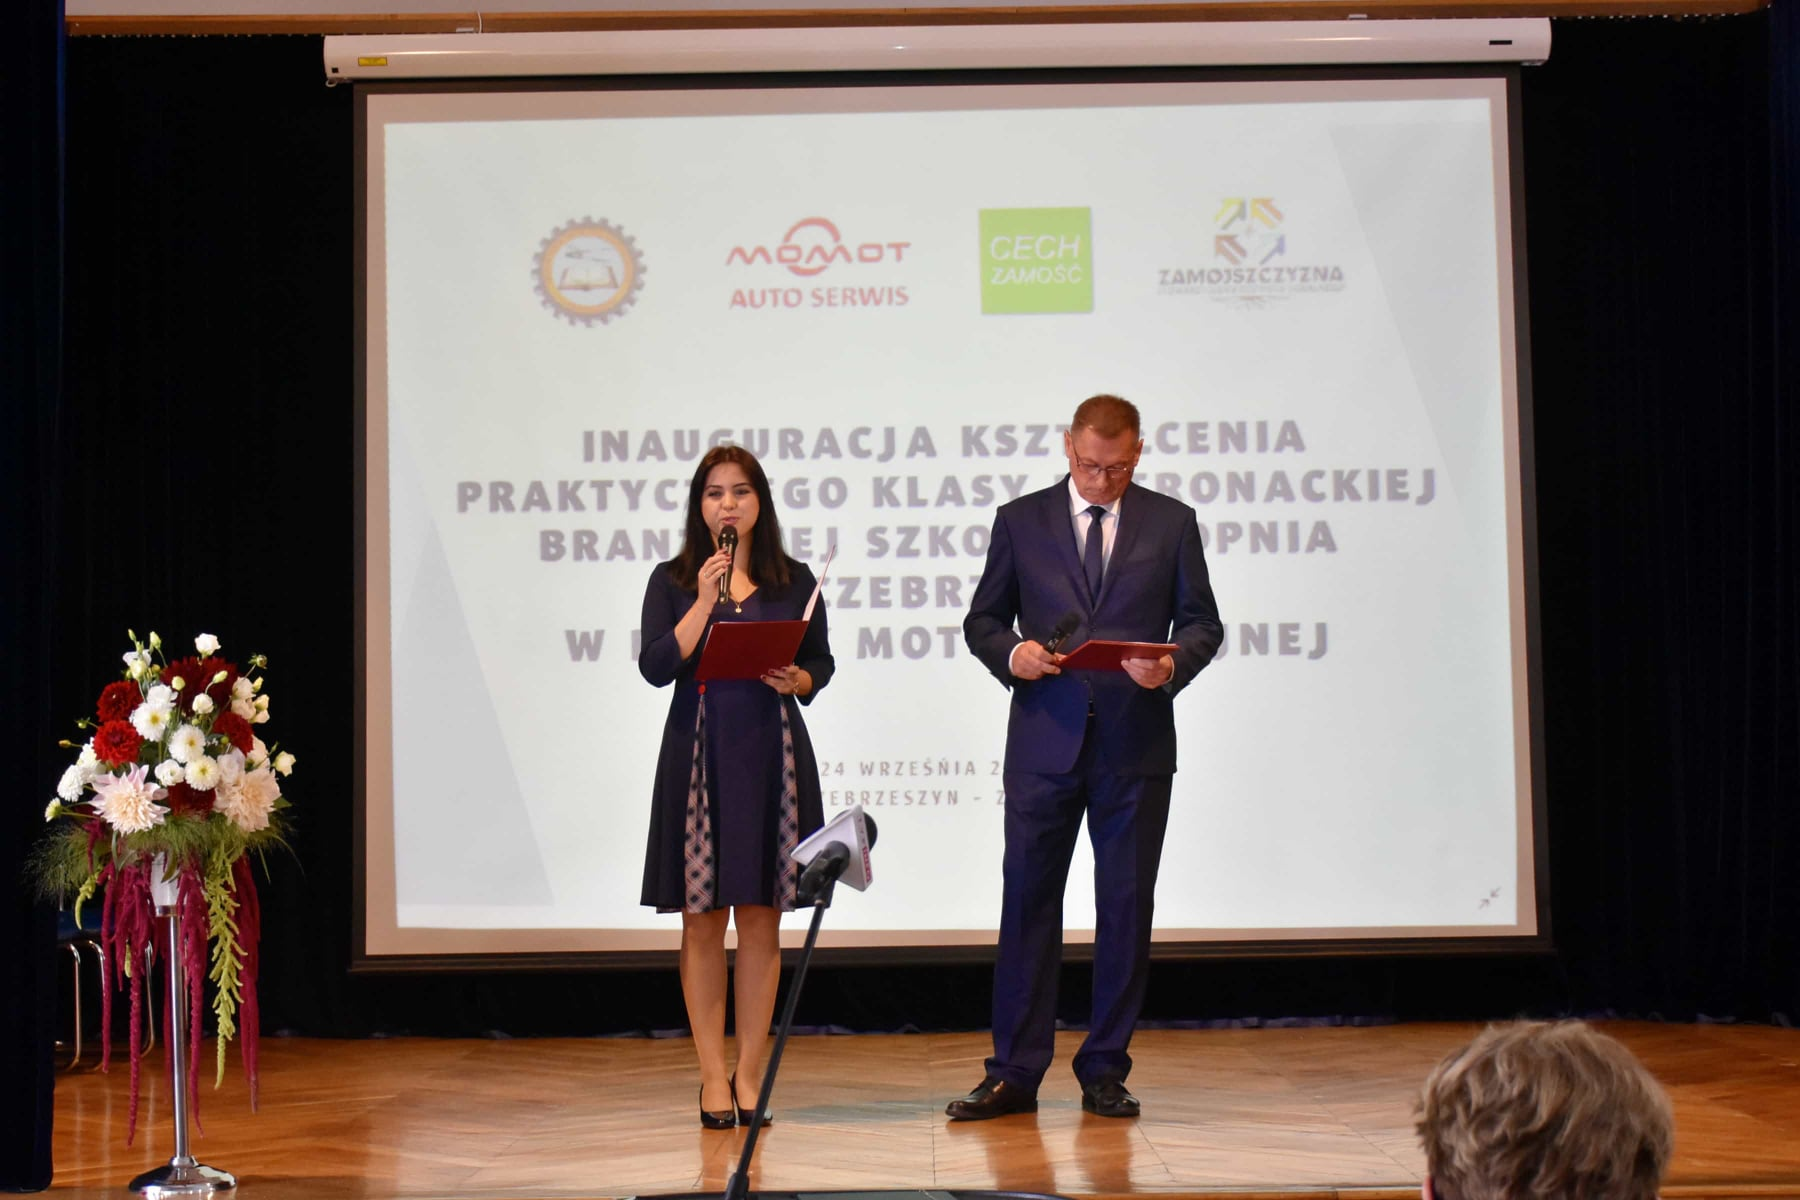 242680924 119313673801095 3947718077654108745 n Wizyta ministra Przemysława Czarnka w Branżowej Szkole w Szczebrzeszynie